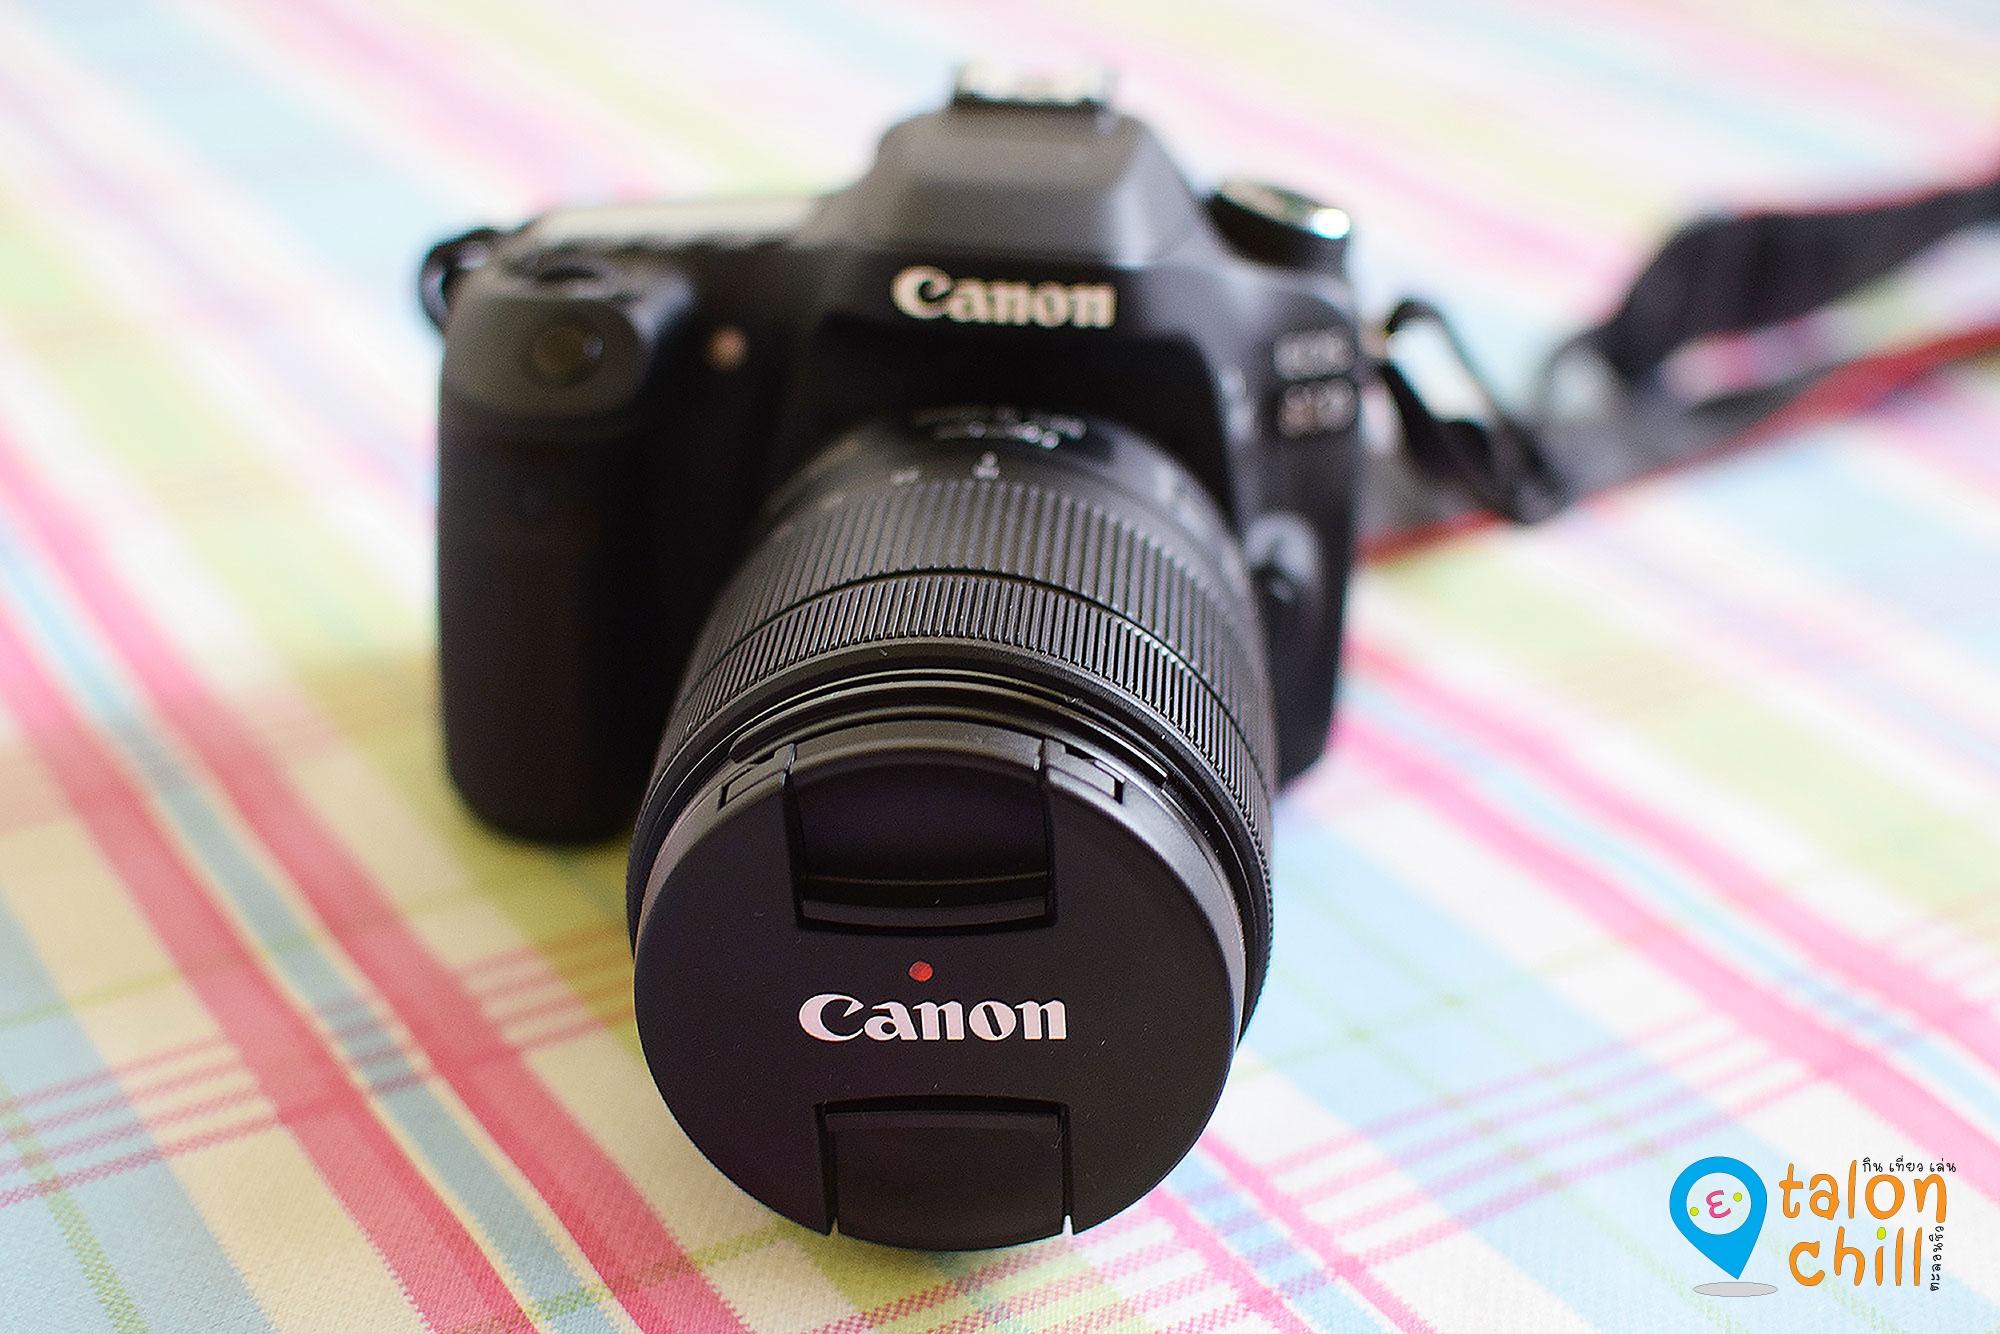 [Review] กล้องแคนนอนรุ่น Canon EOS 80D ฉบับตะลอนชิว